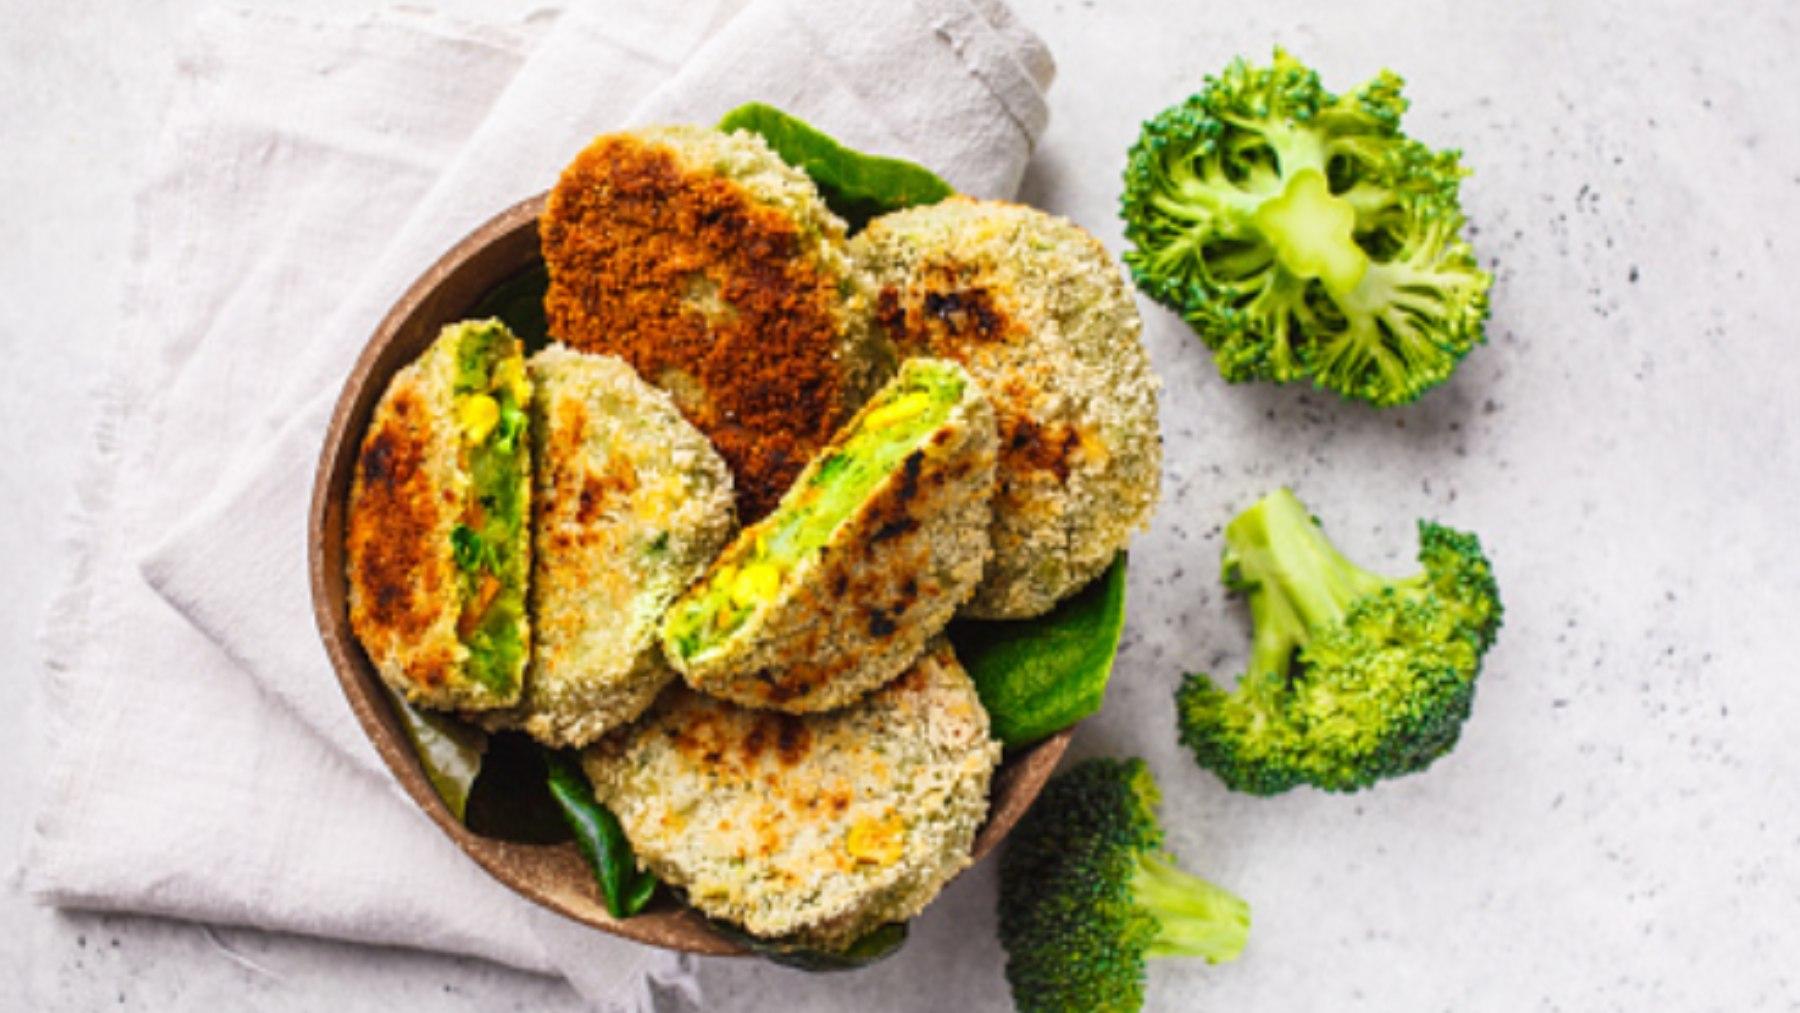 hamburguesa de brócoli y pollo